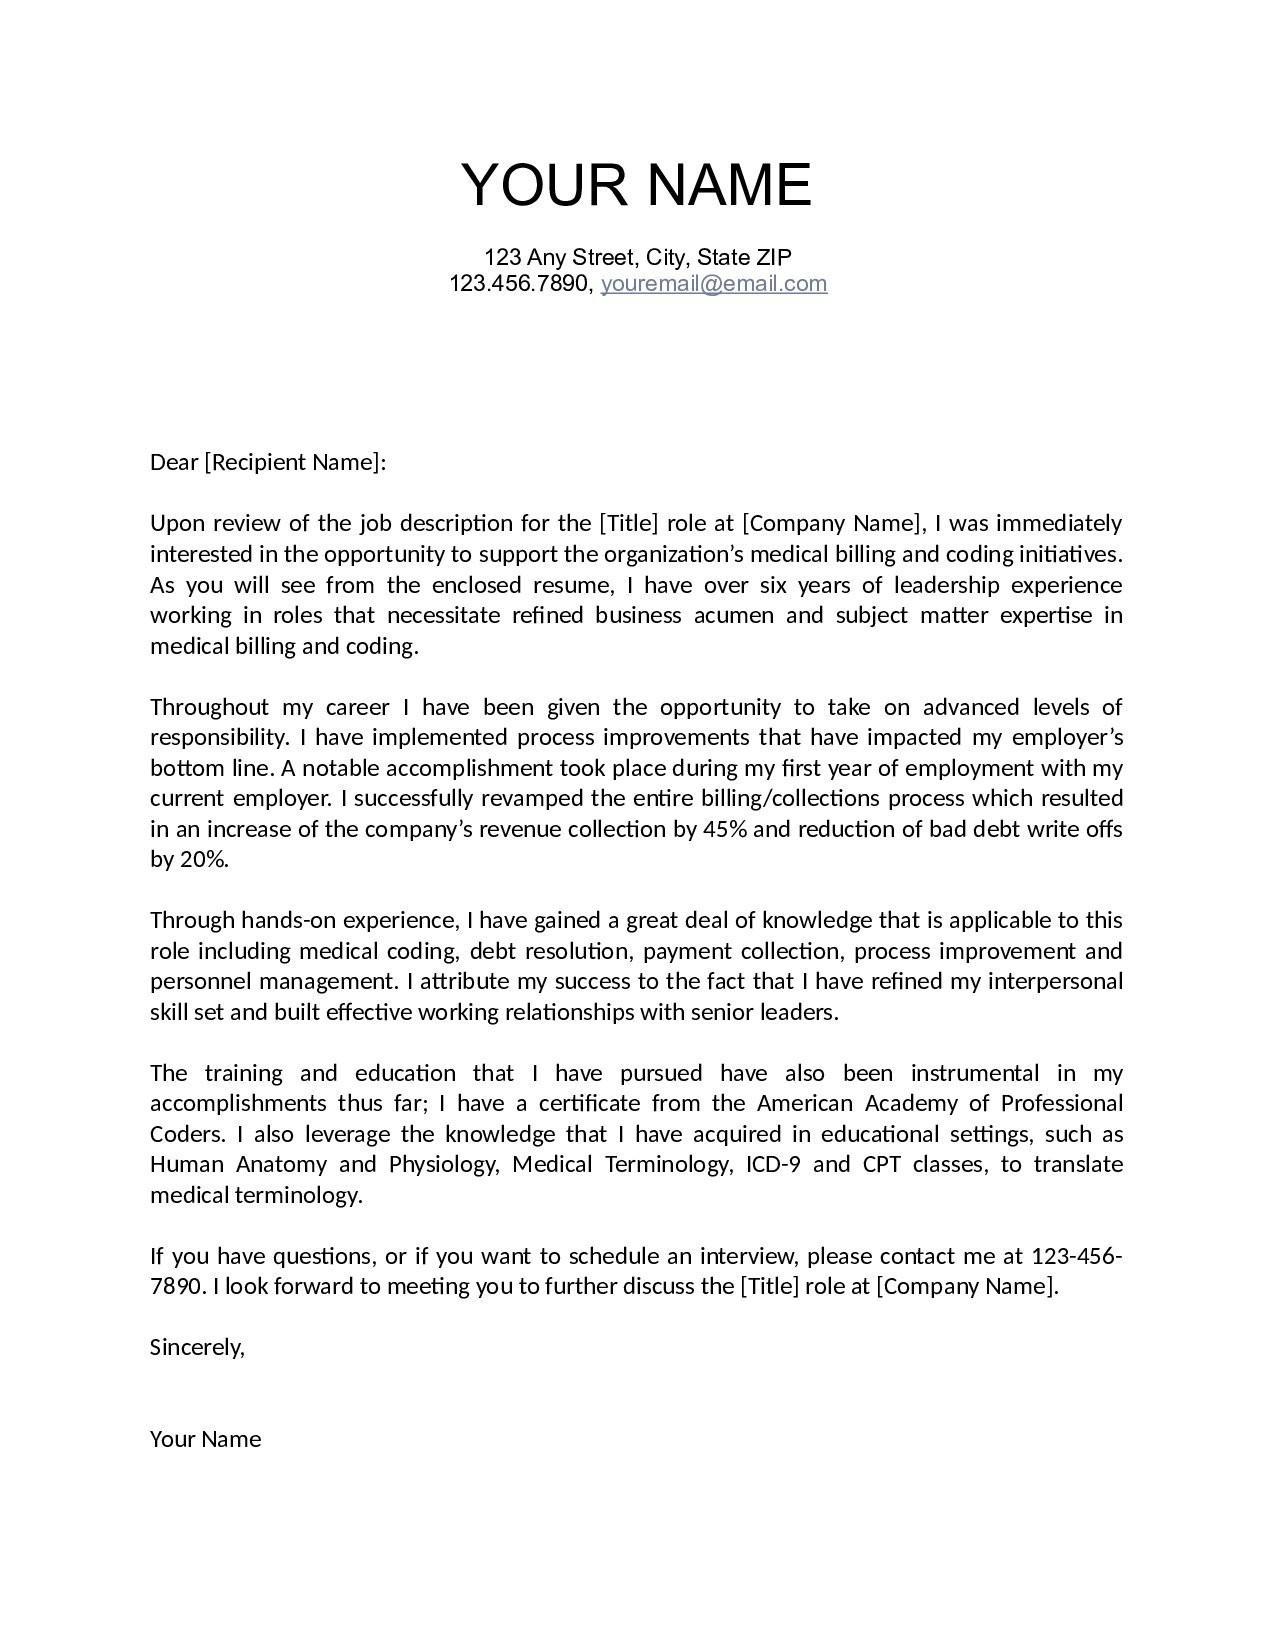 Cover Letter Template - Letter Interest for Job New Cover Letter Examples for Internship